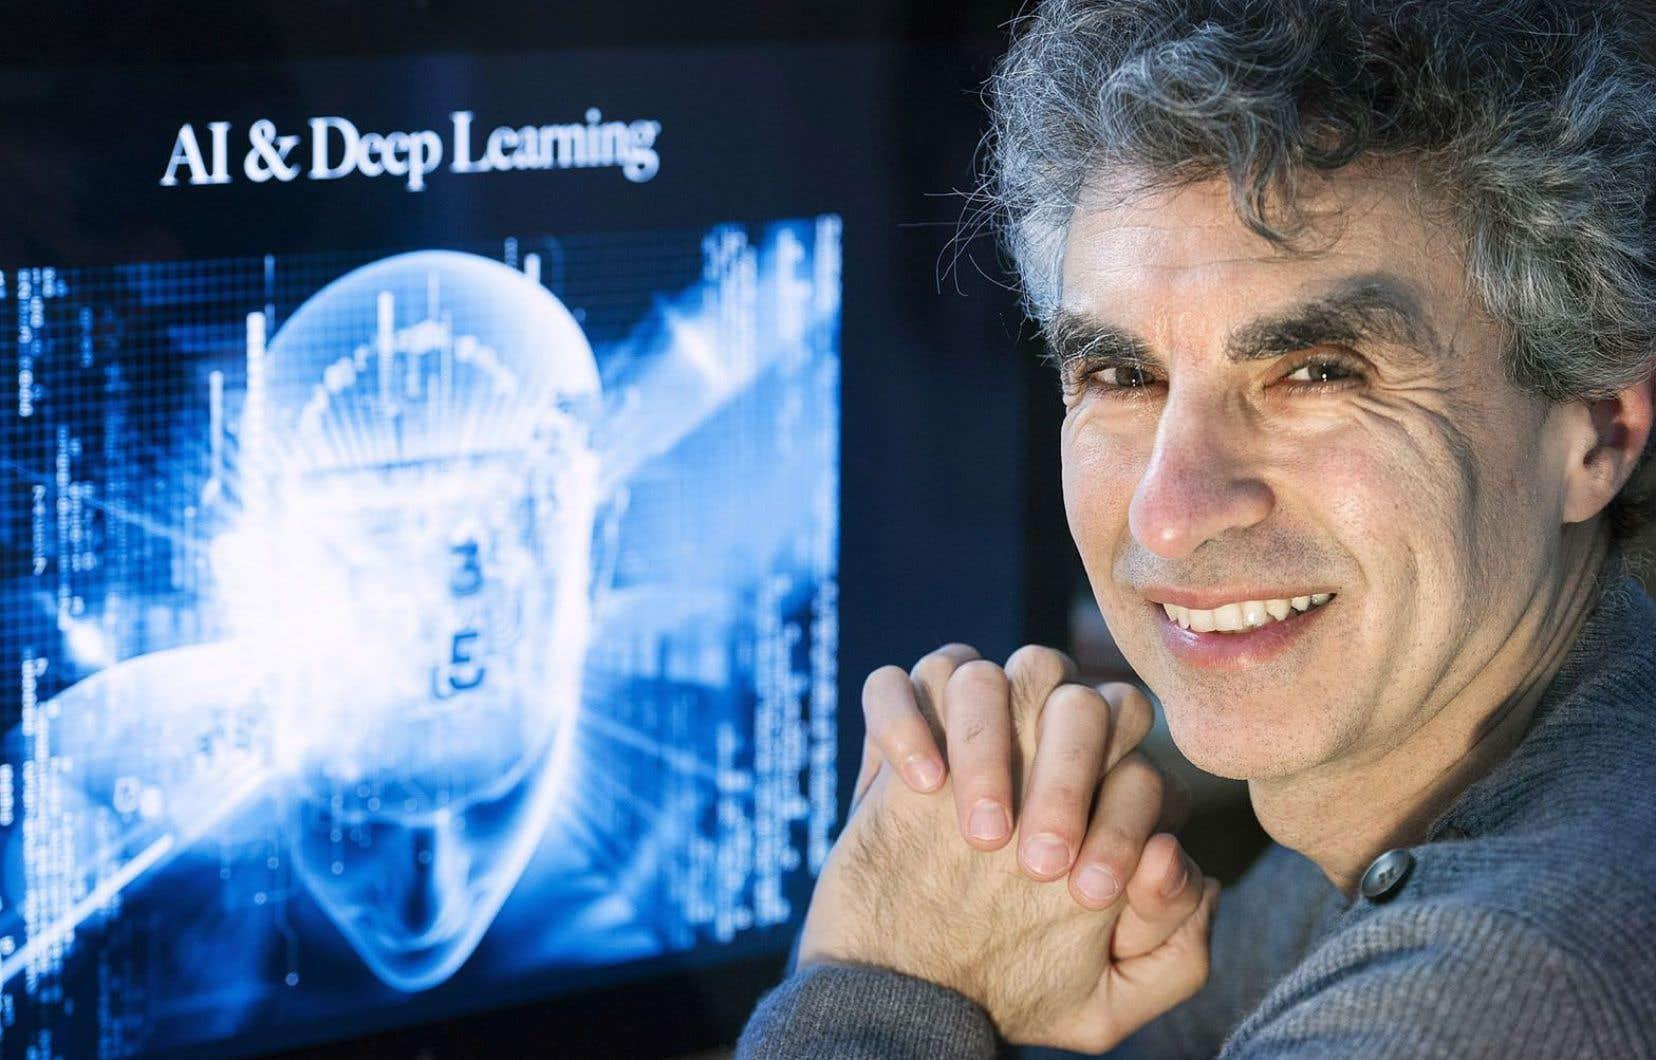 Montréal se distingue dans le domaine de l'intelligence artificielle grâce au travail de pionniers comme le professeur Yoshua Bengio, de l'Université de Montréal.